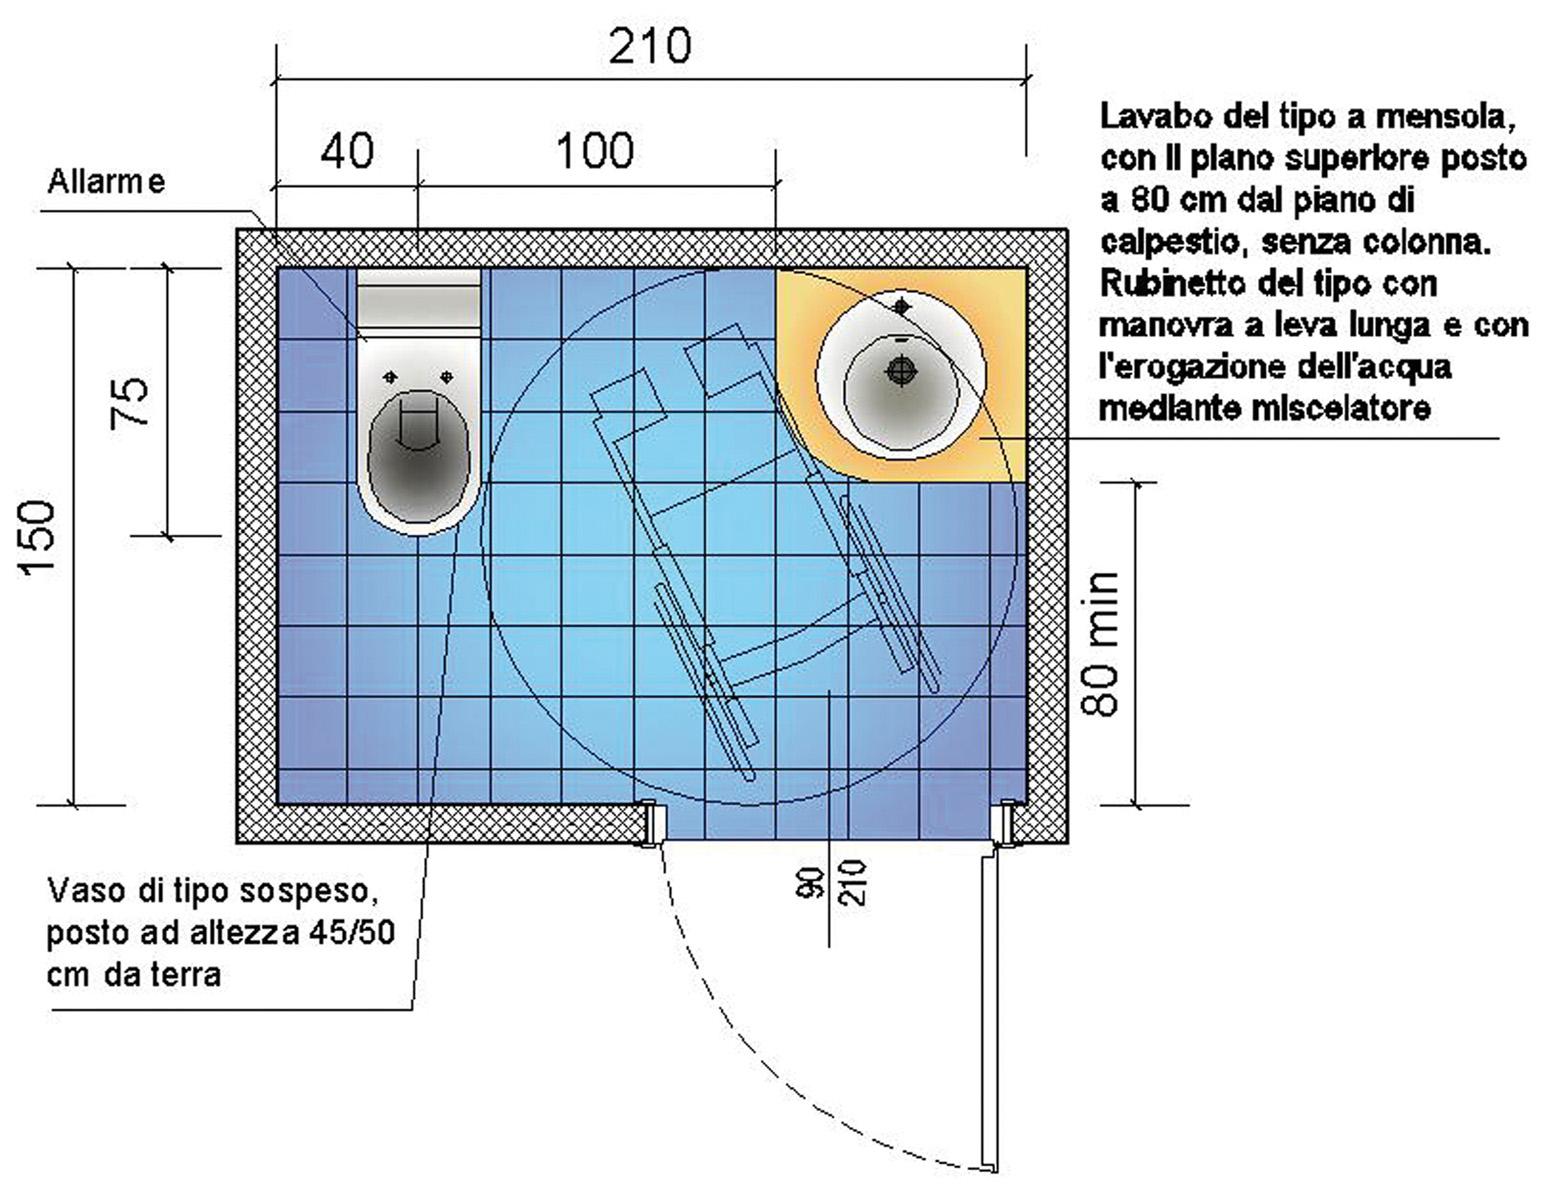 unulteriore alternativa allacquisto del carrello elevatore data dalla condivisione di tale apparecchio in societ con altri professionisti